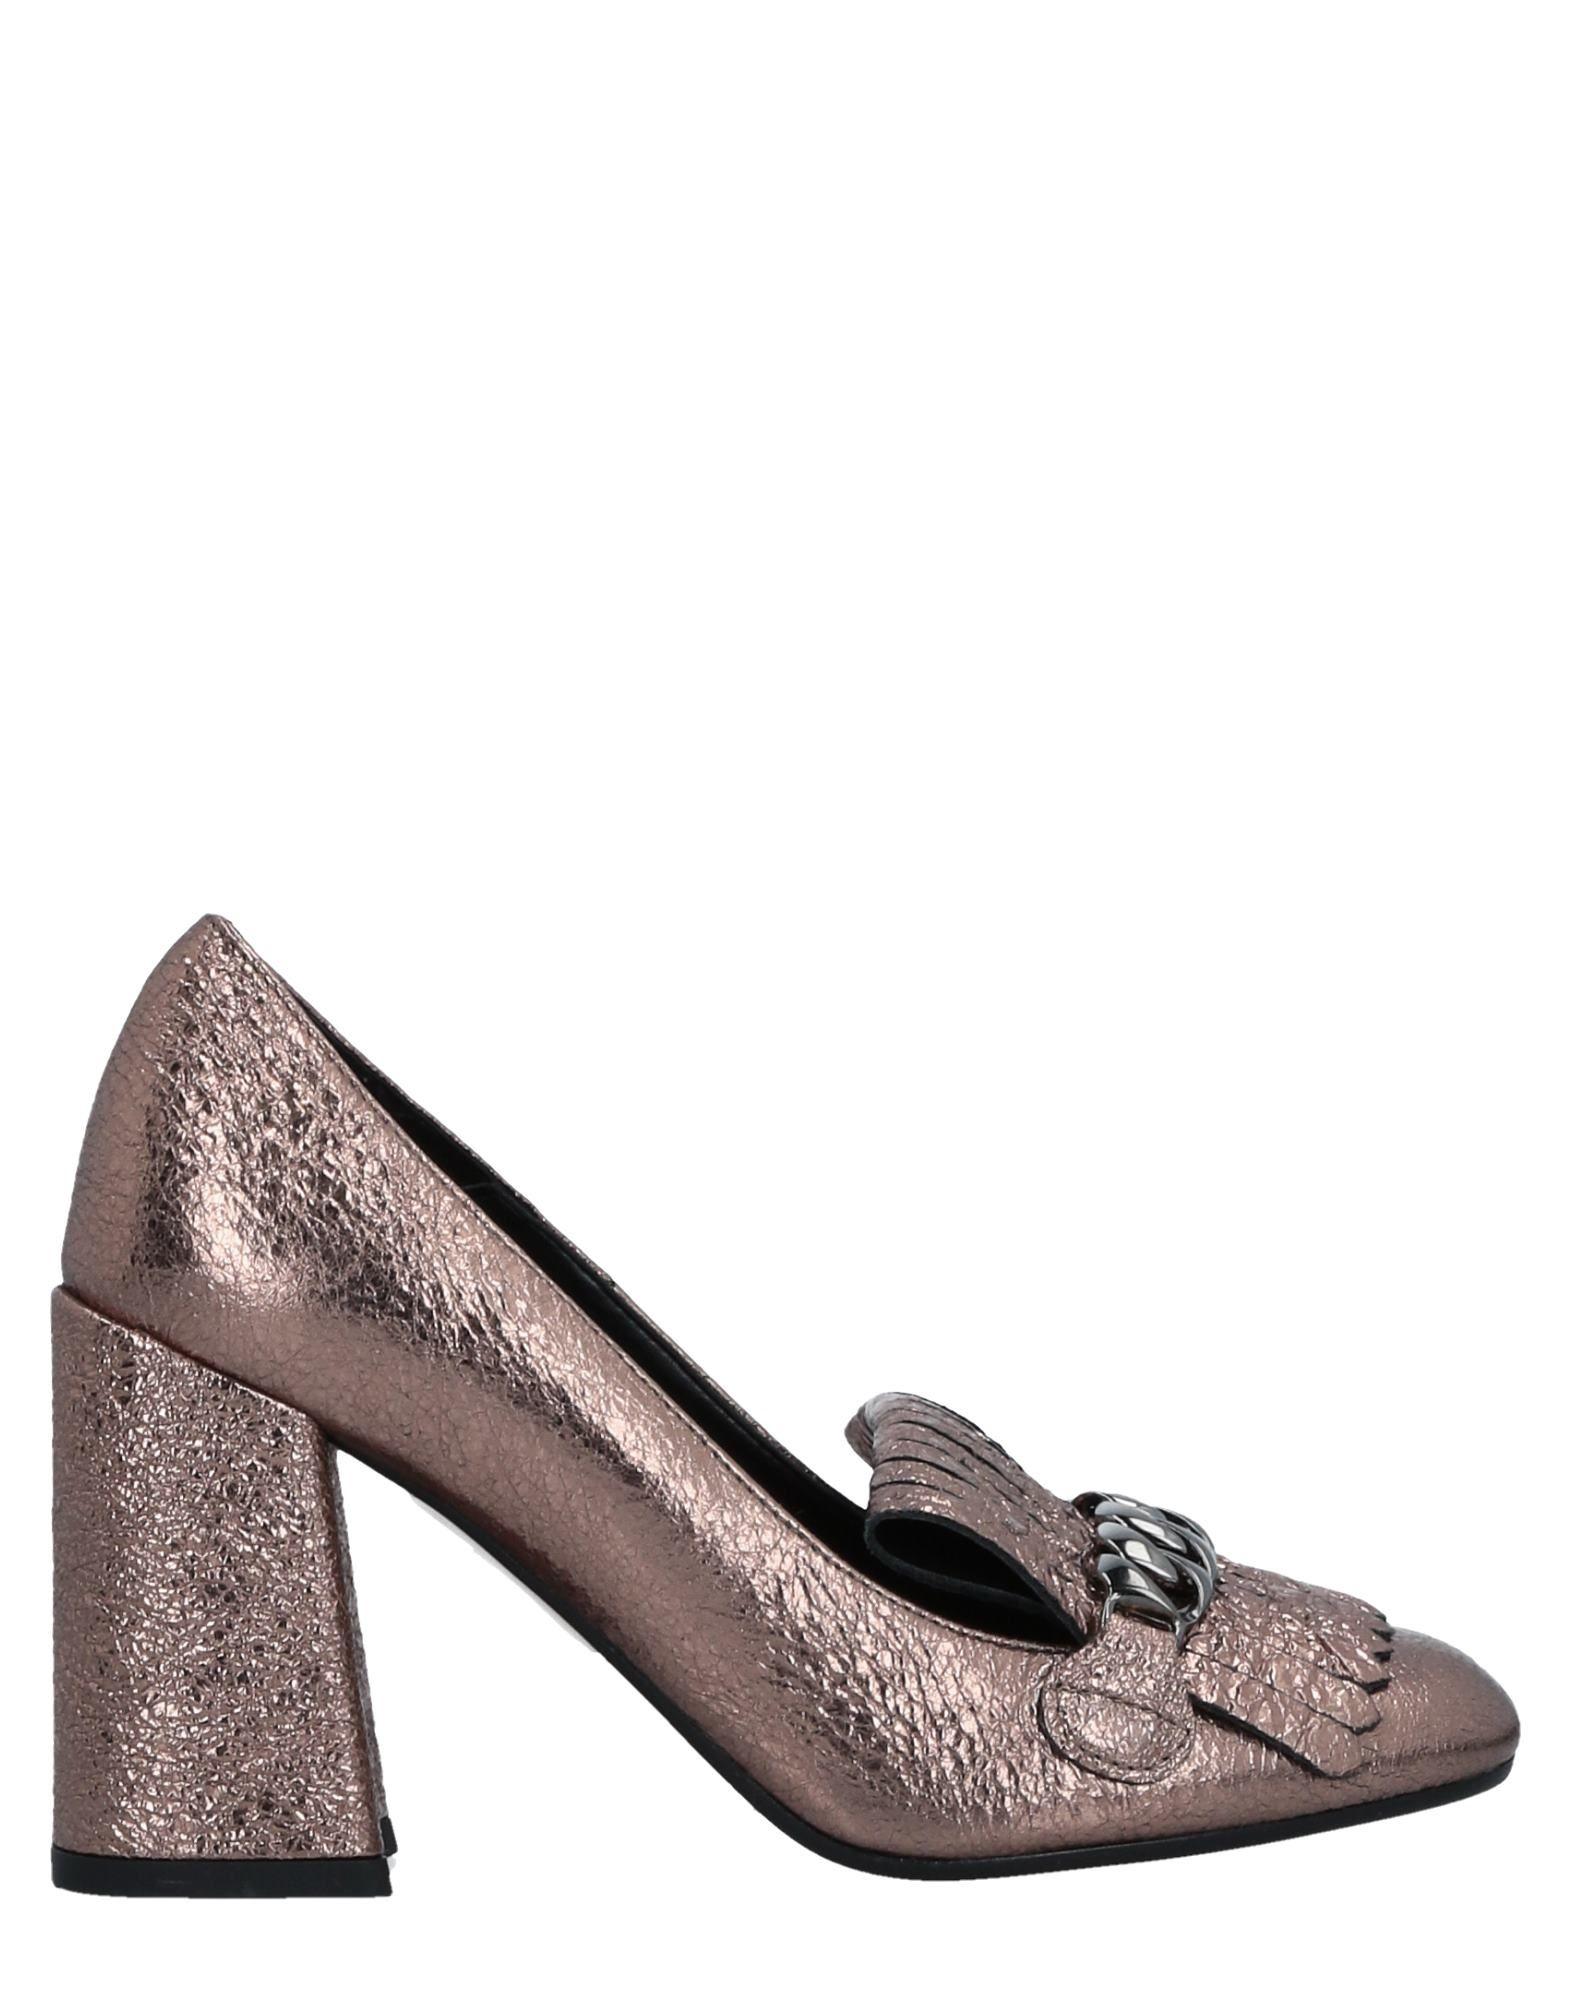 Bagatt Gute Mokassins Damen  11515598GK Gute Bagatt Qualität beliebte Schuhe 9706fc